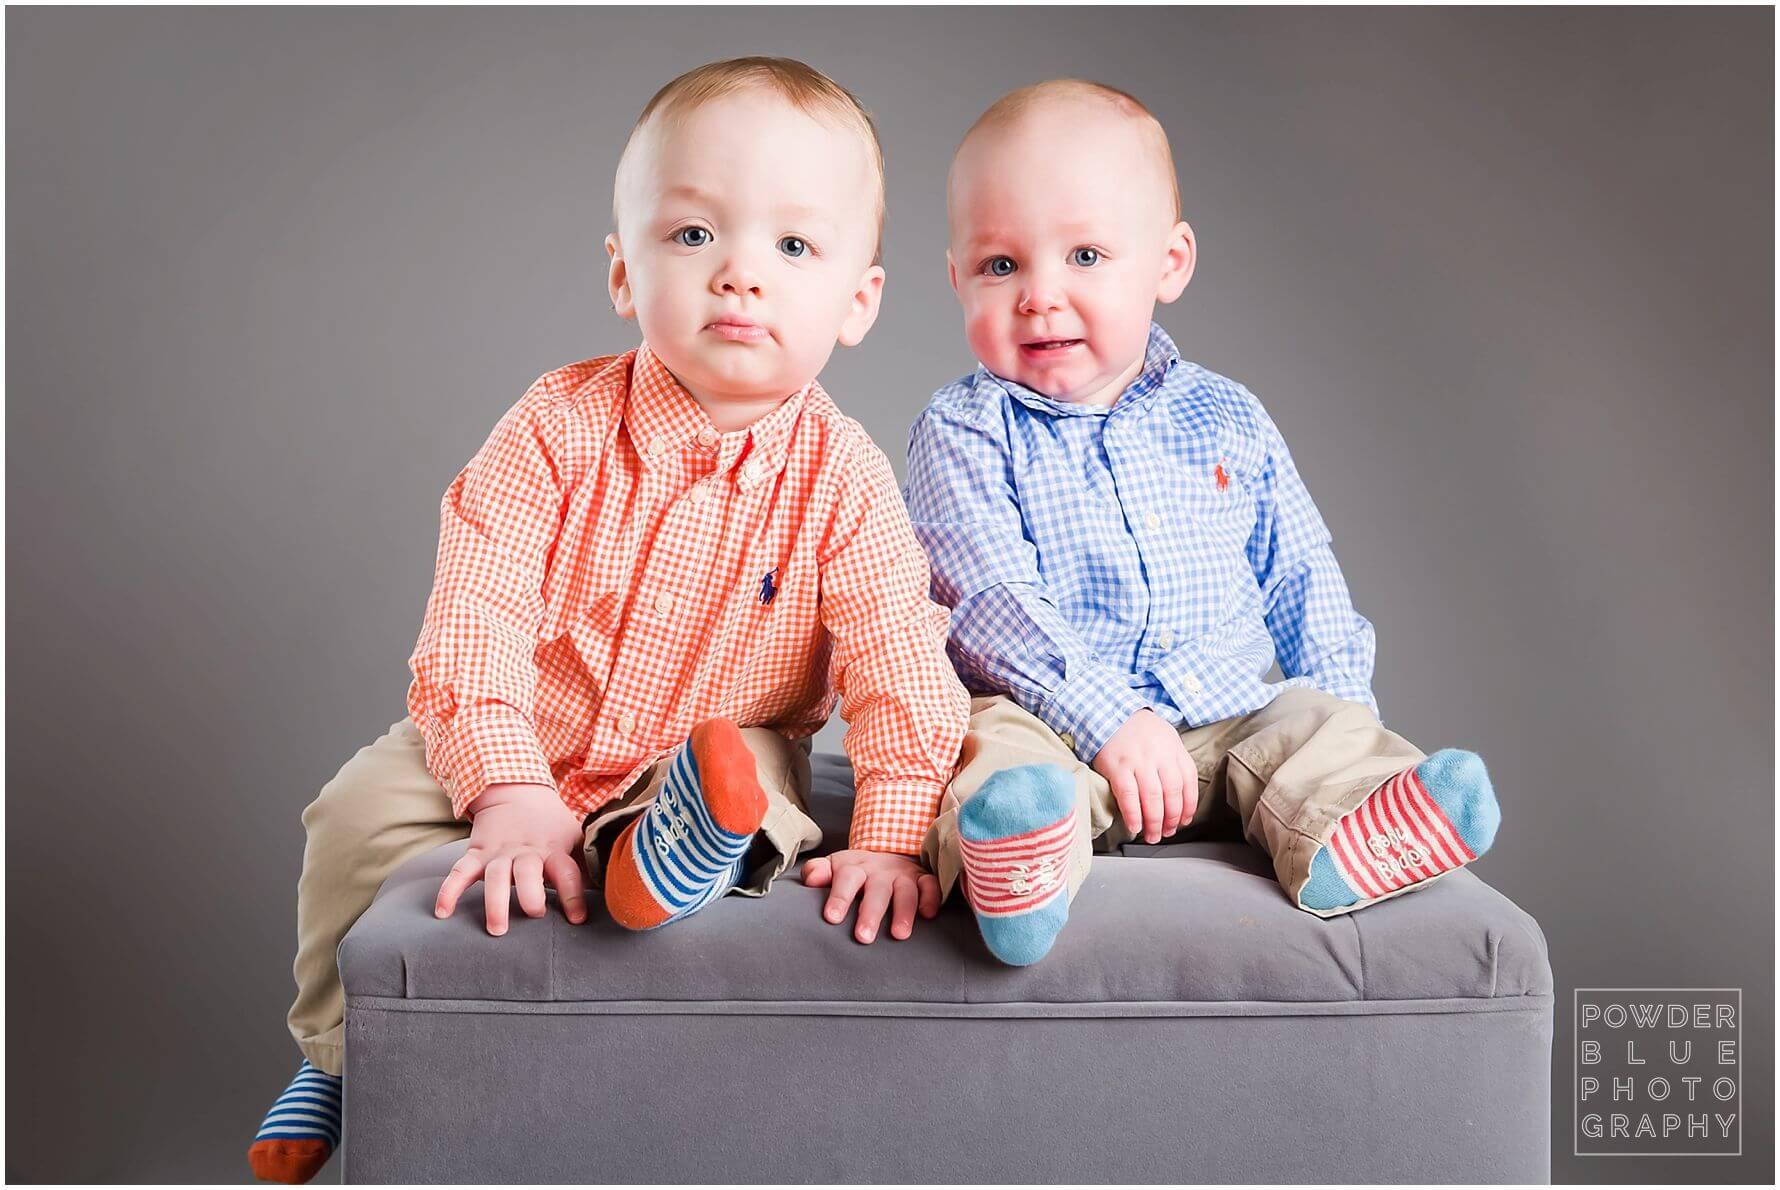 one year old twins studio portrait ralph lauren collared button down shirts toddler kids orange & blue